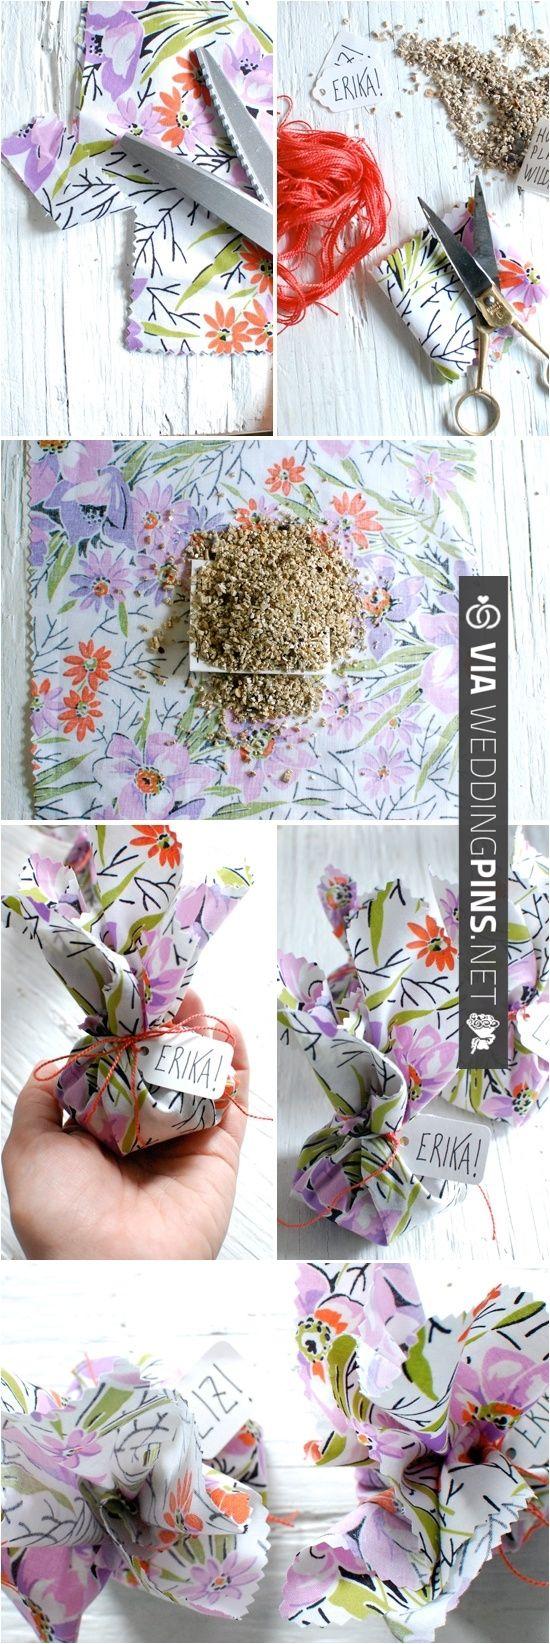 195 best Wedding Favors images on Pinterest | Favors, Bridal shower ...